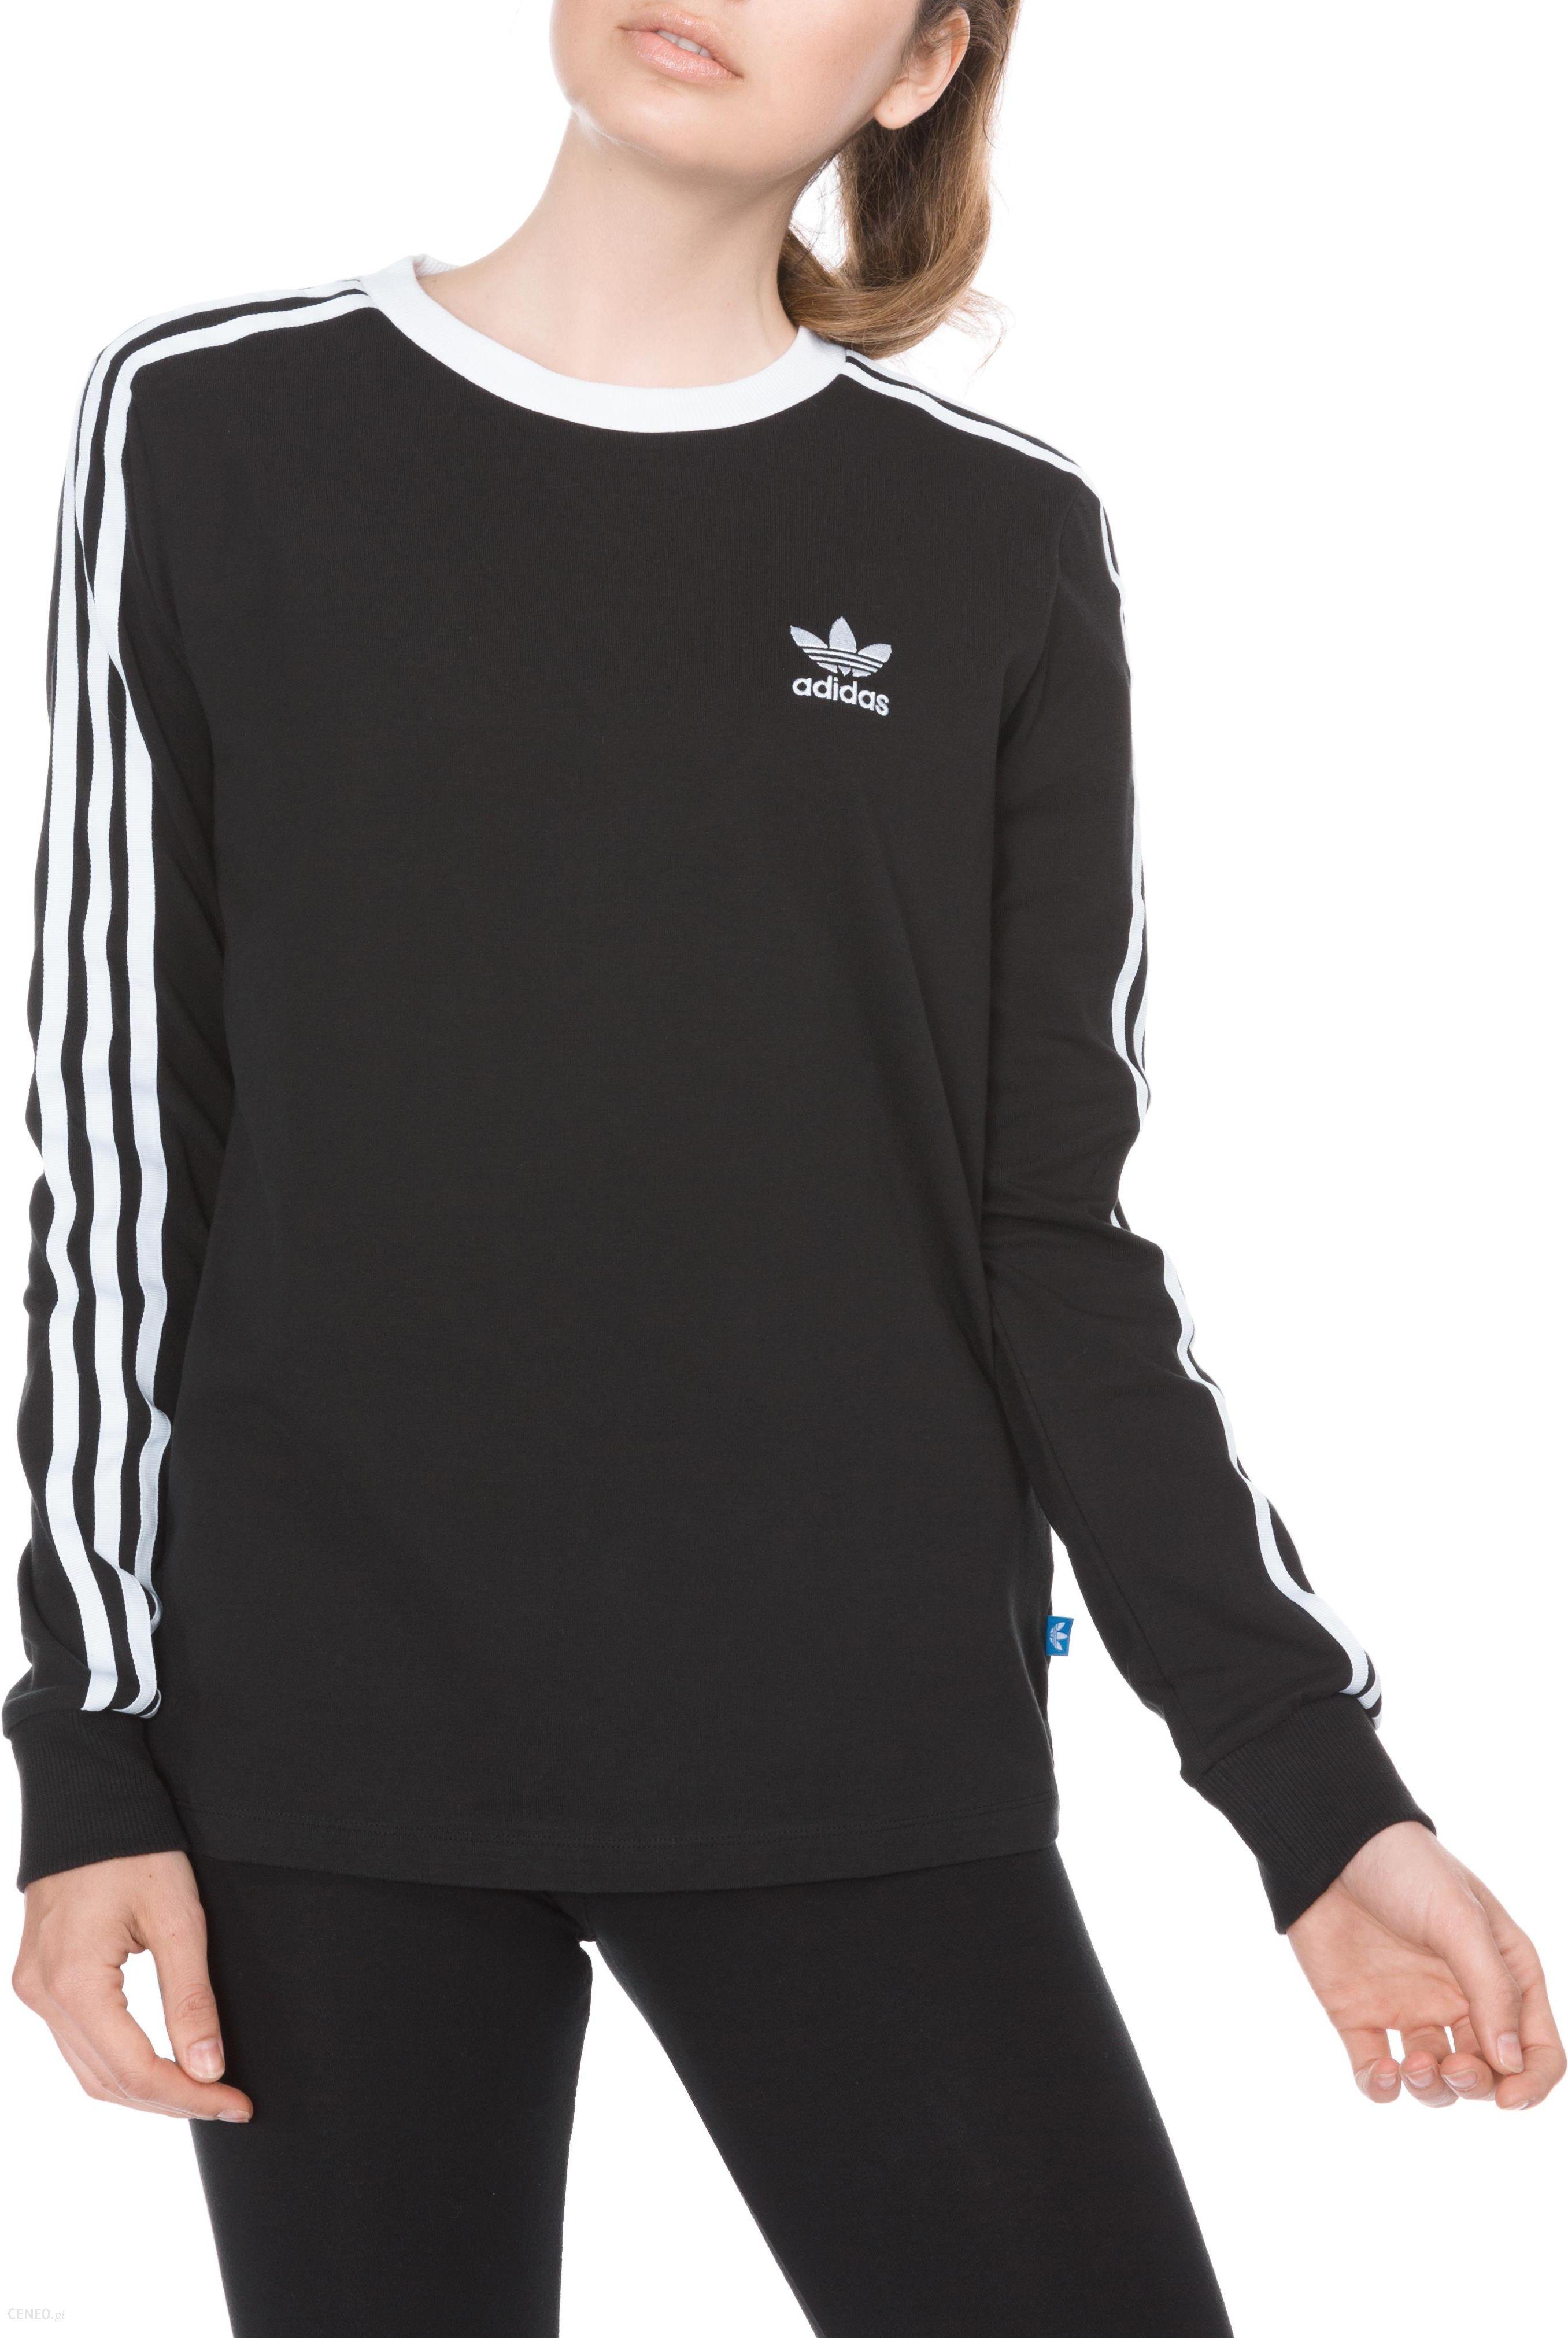 c7d221295 Adidas Originals 3-Stripes Koszulka Czarny 34 - Ceny i opinie - Ceneo.pl